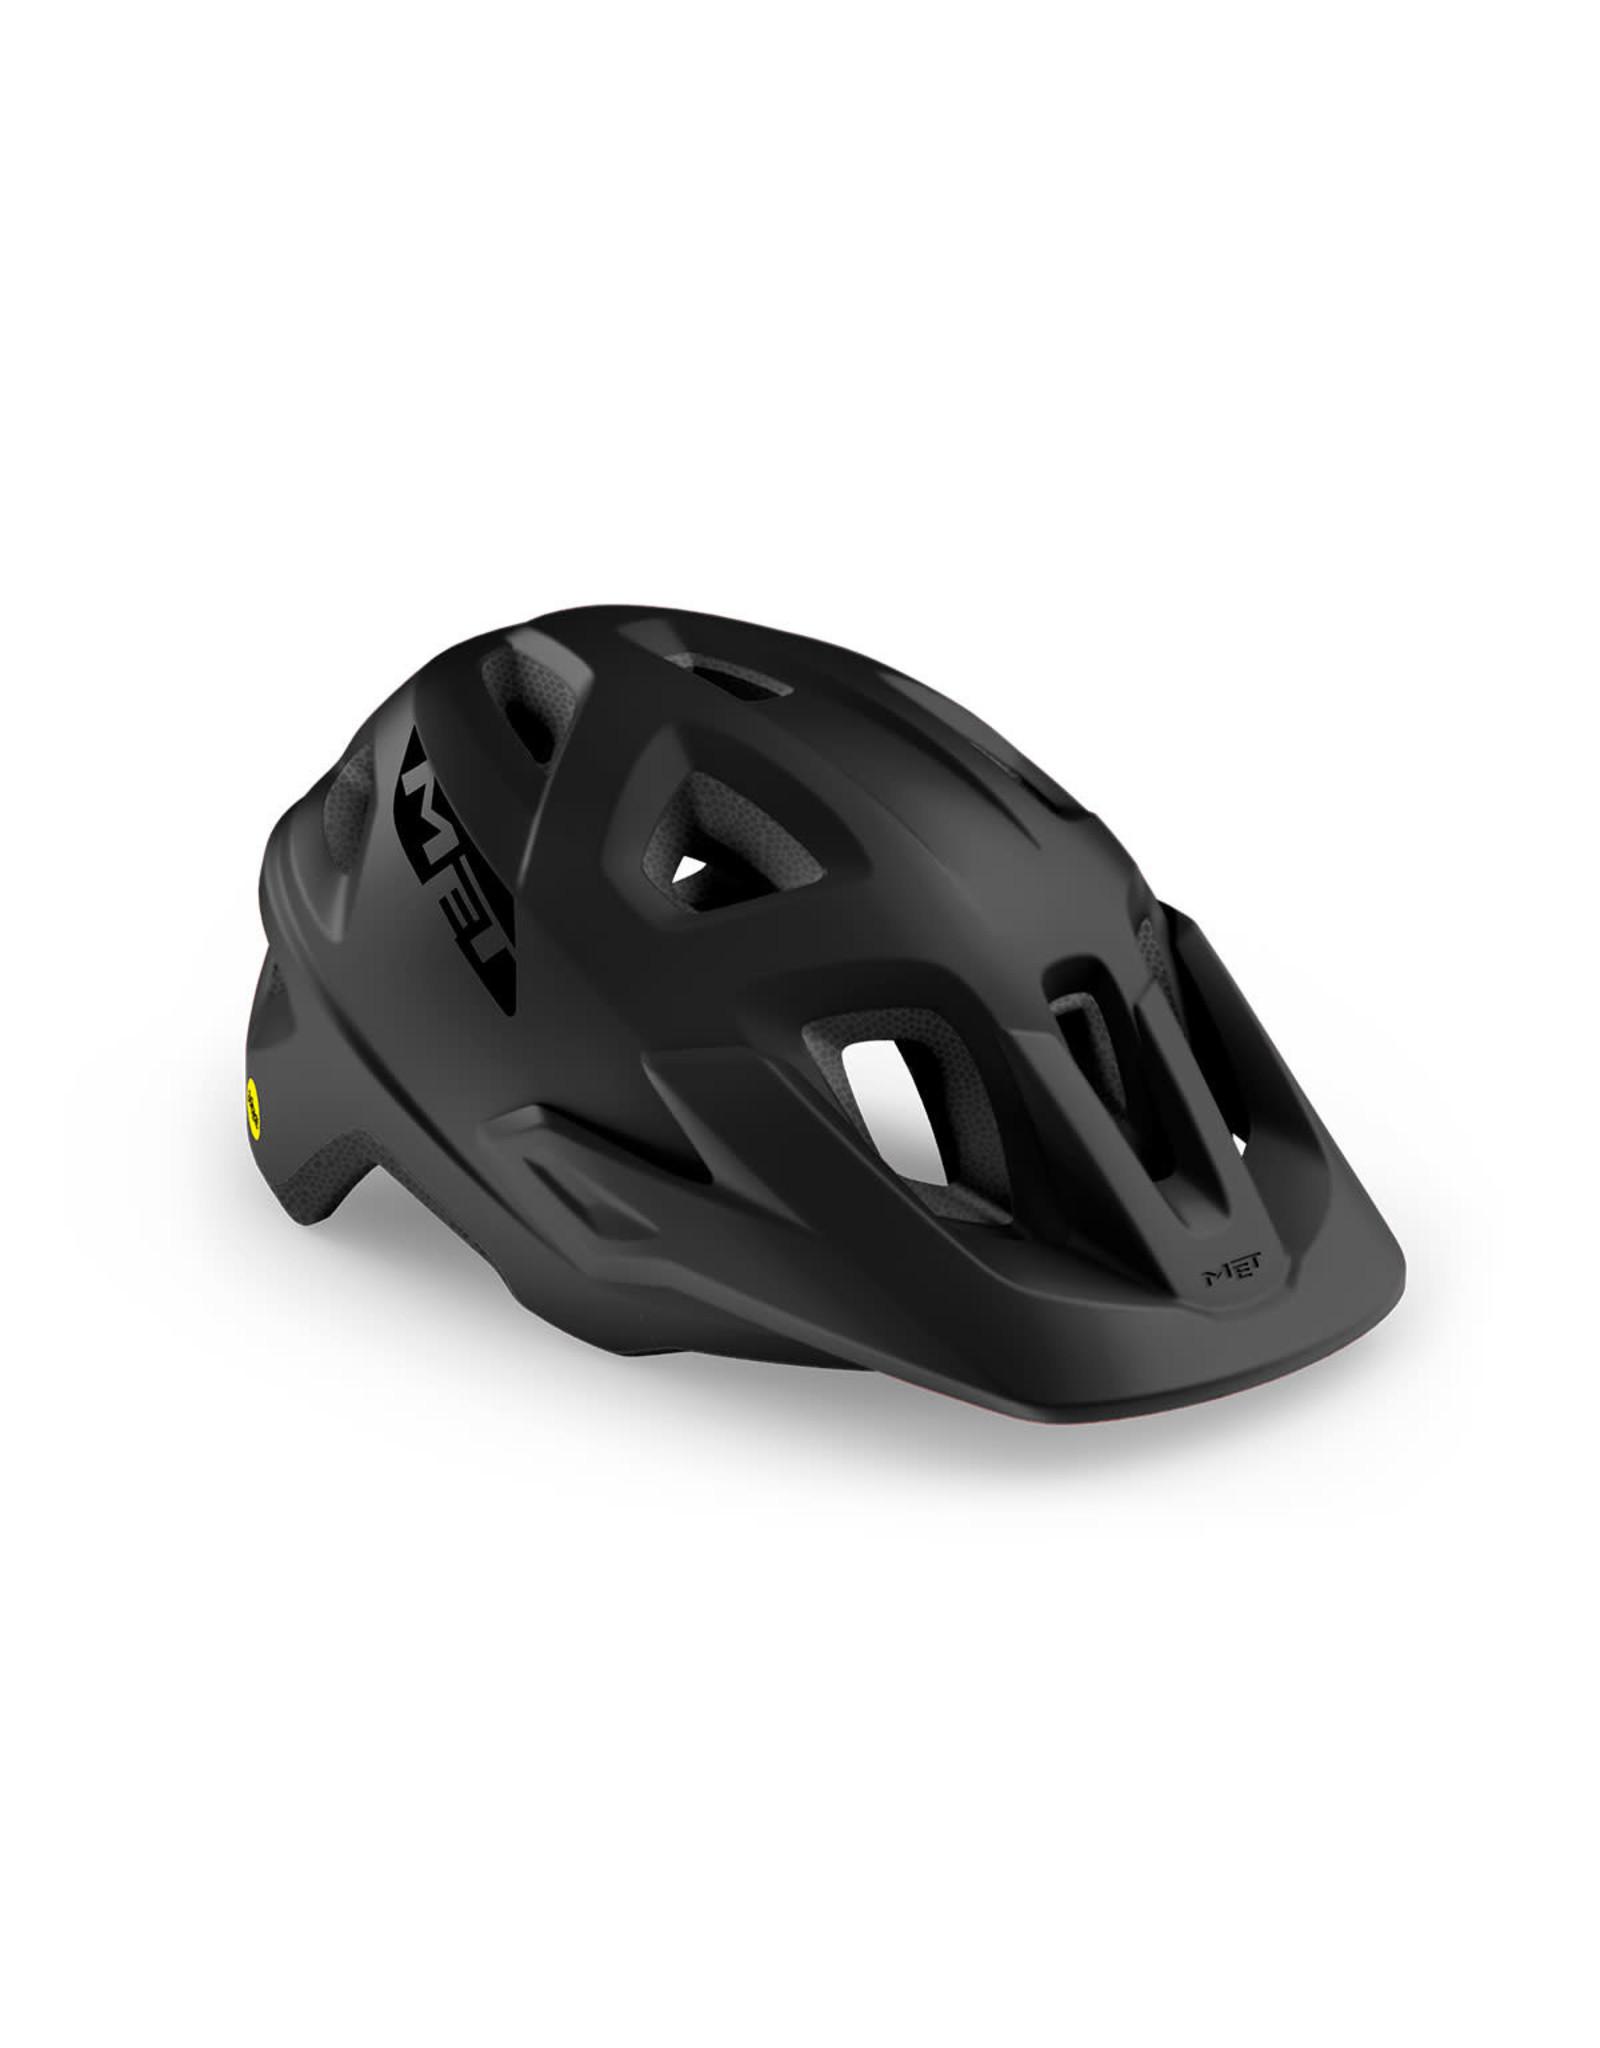 MET Echo MIPS MTB Bike Helmet